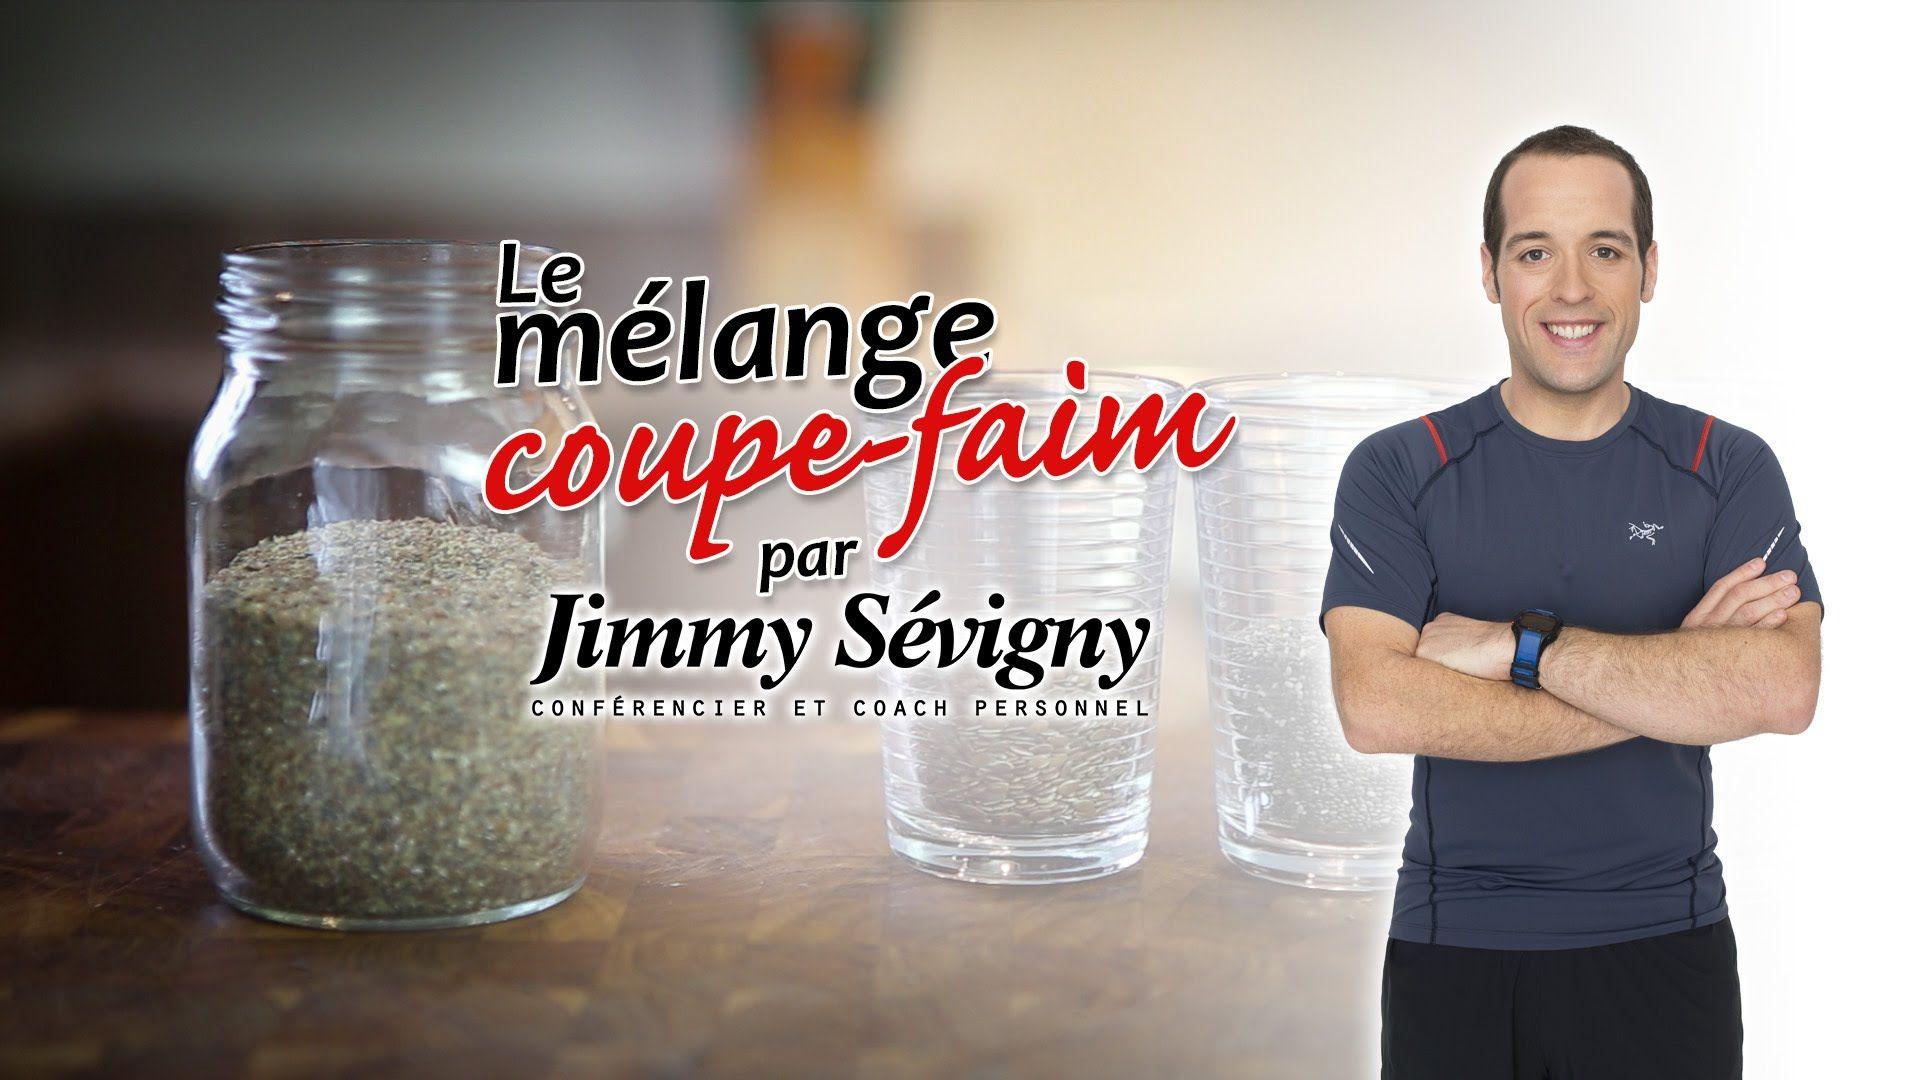 Le mélange coupe-faim par excellence par Jimmy Sévigny ...